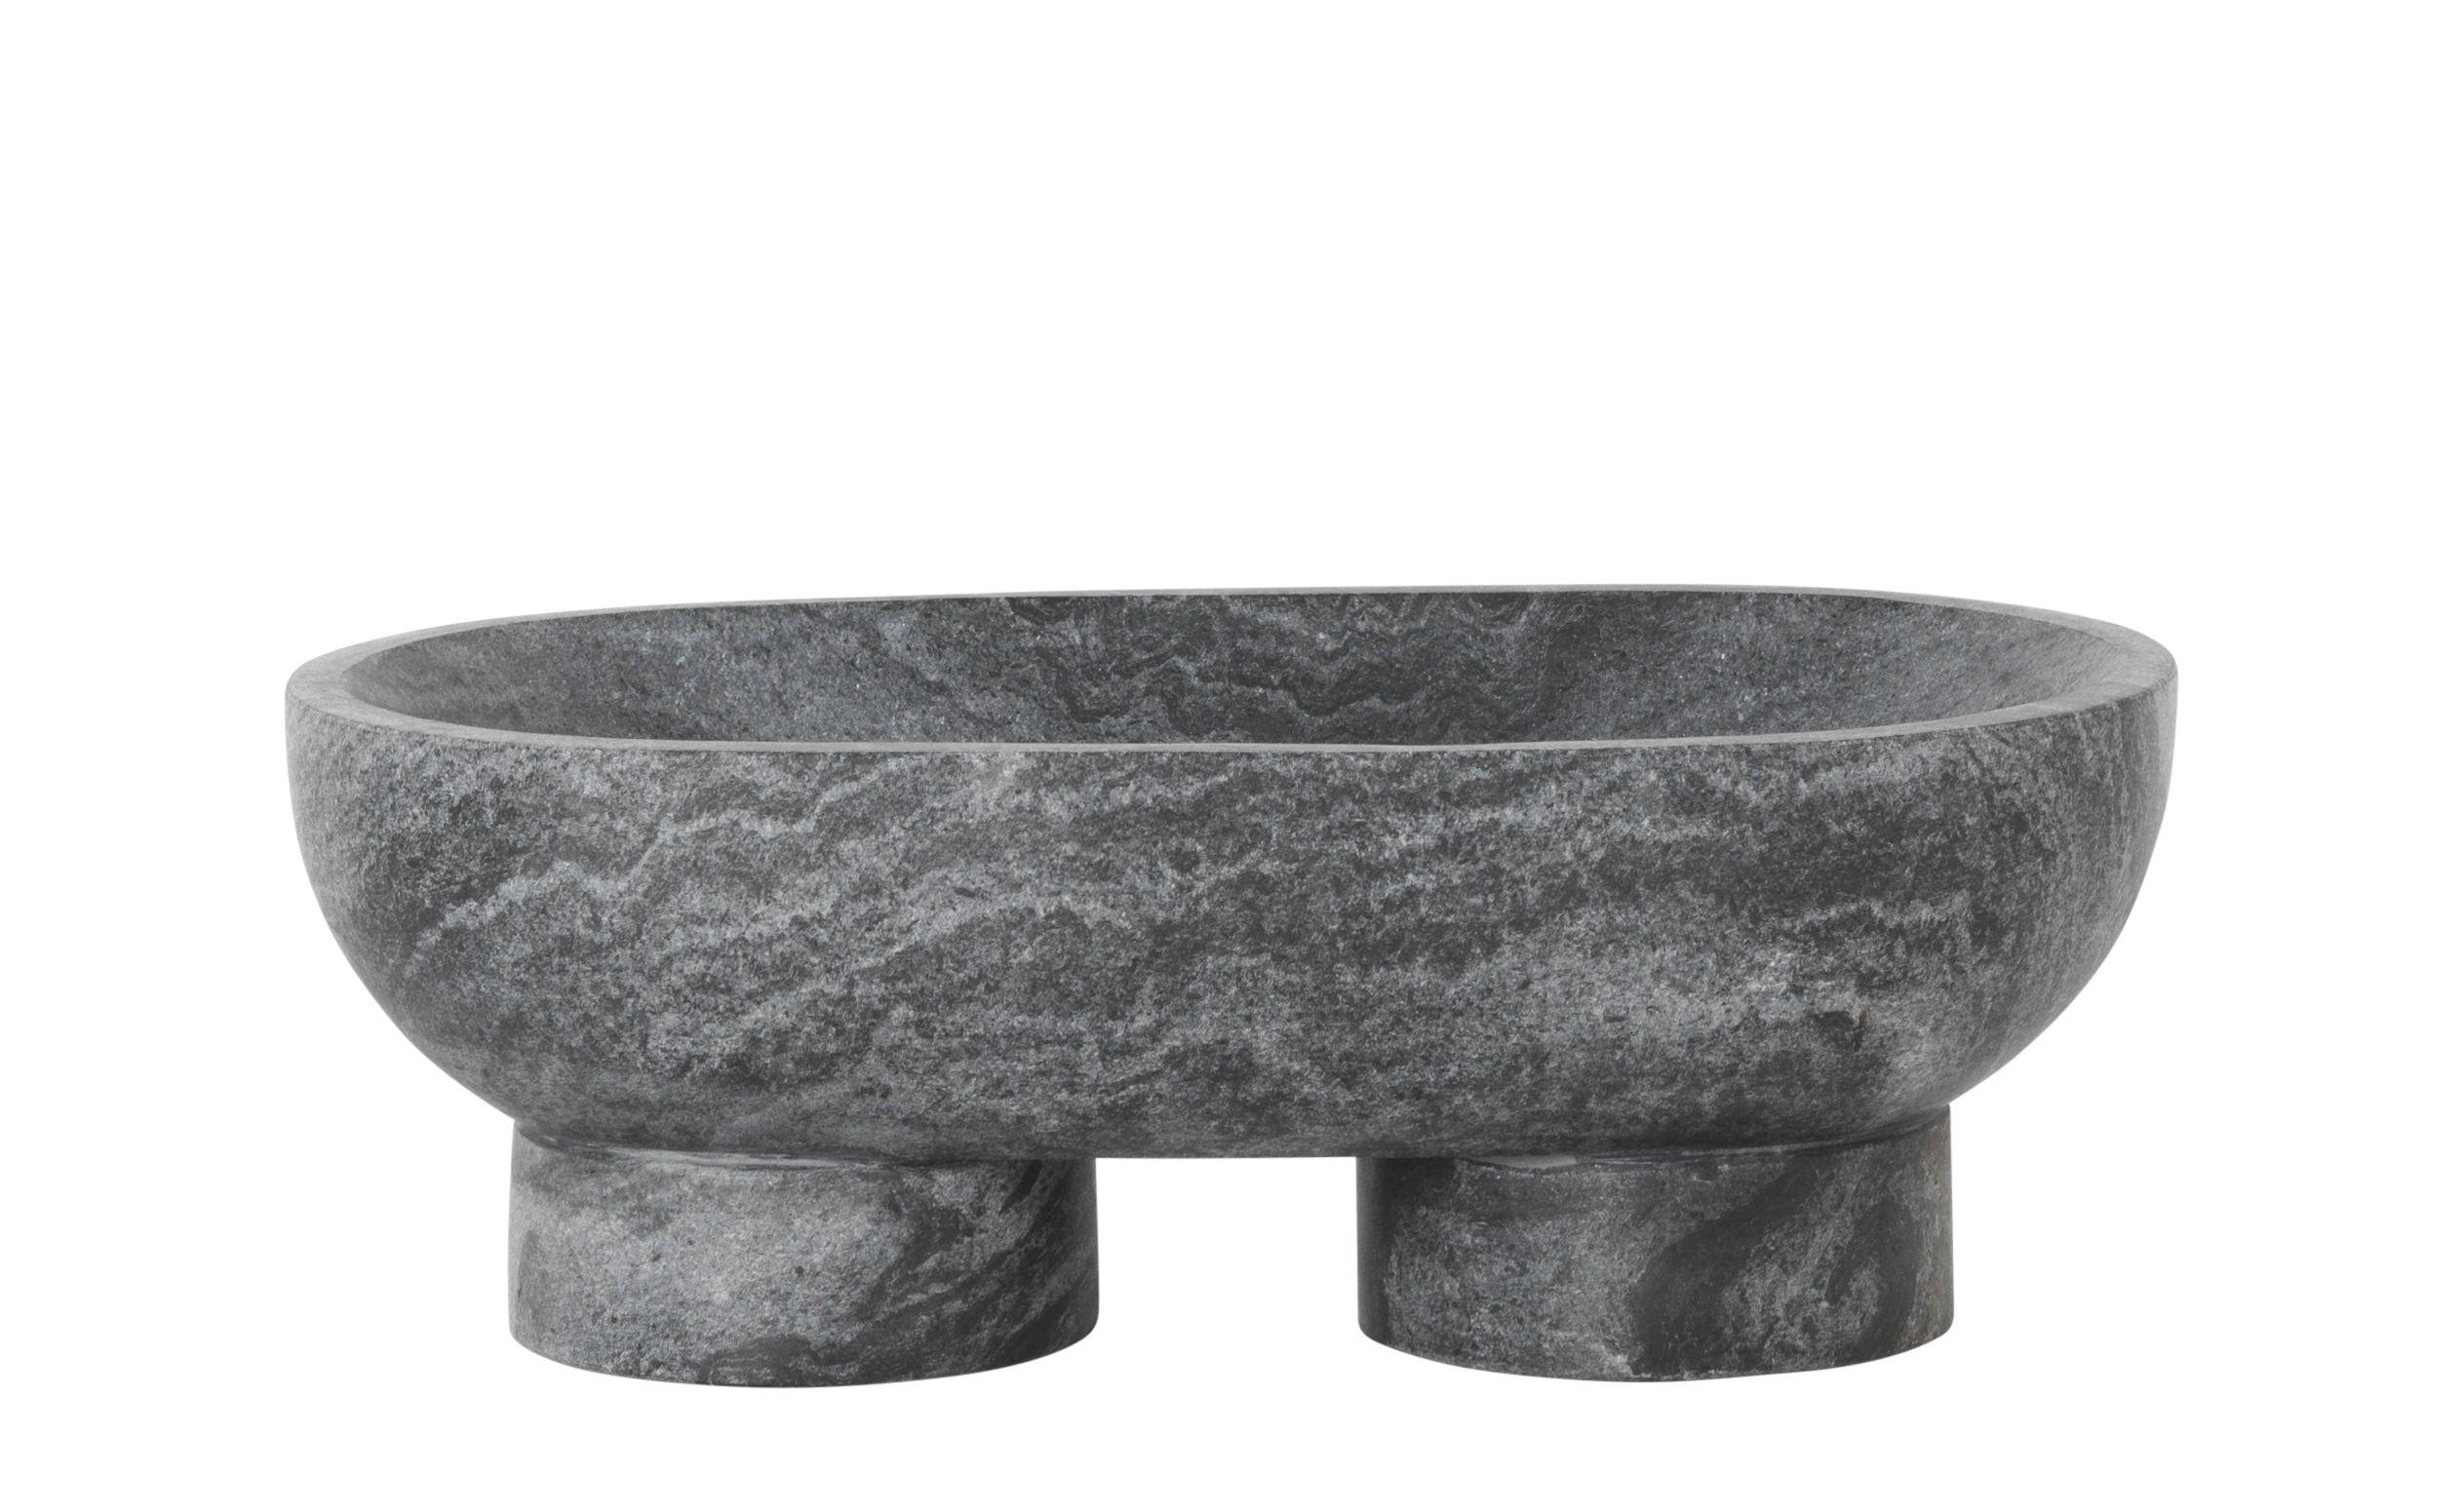 Dekoration - Tischdekoration - Alza Schale / L 25 cm - Marmor - Ferm Living - Schwarz - Marmor